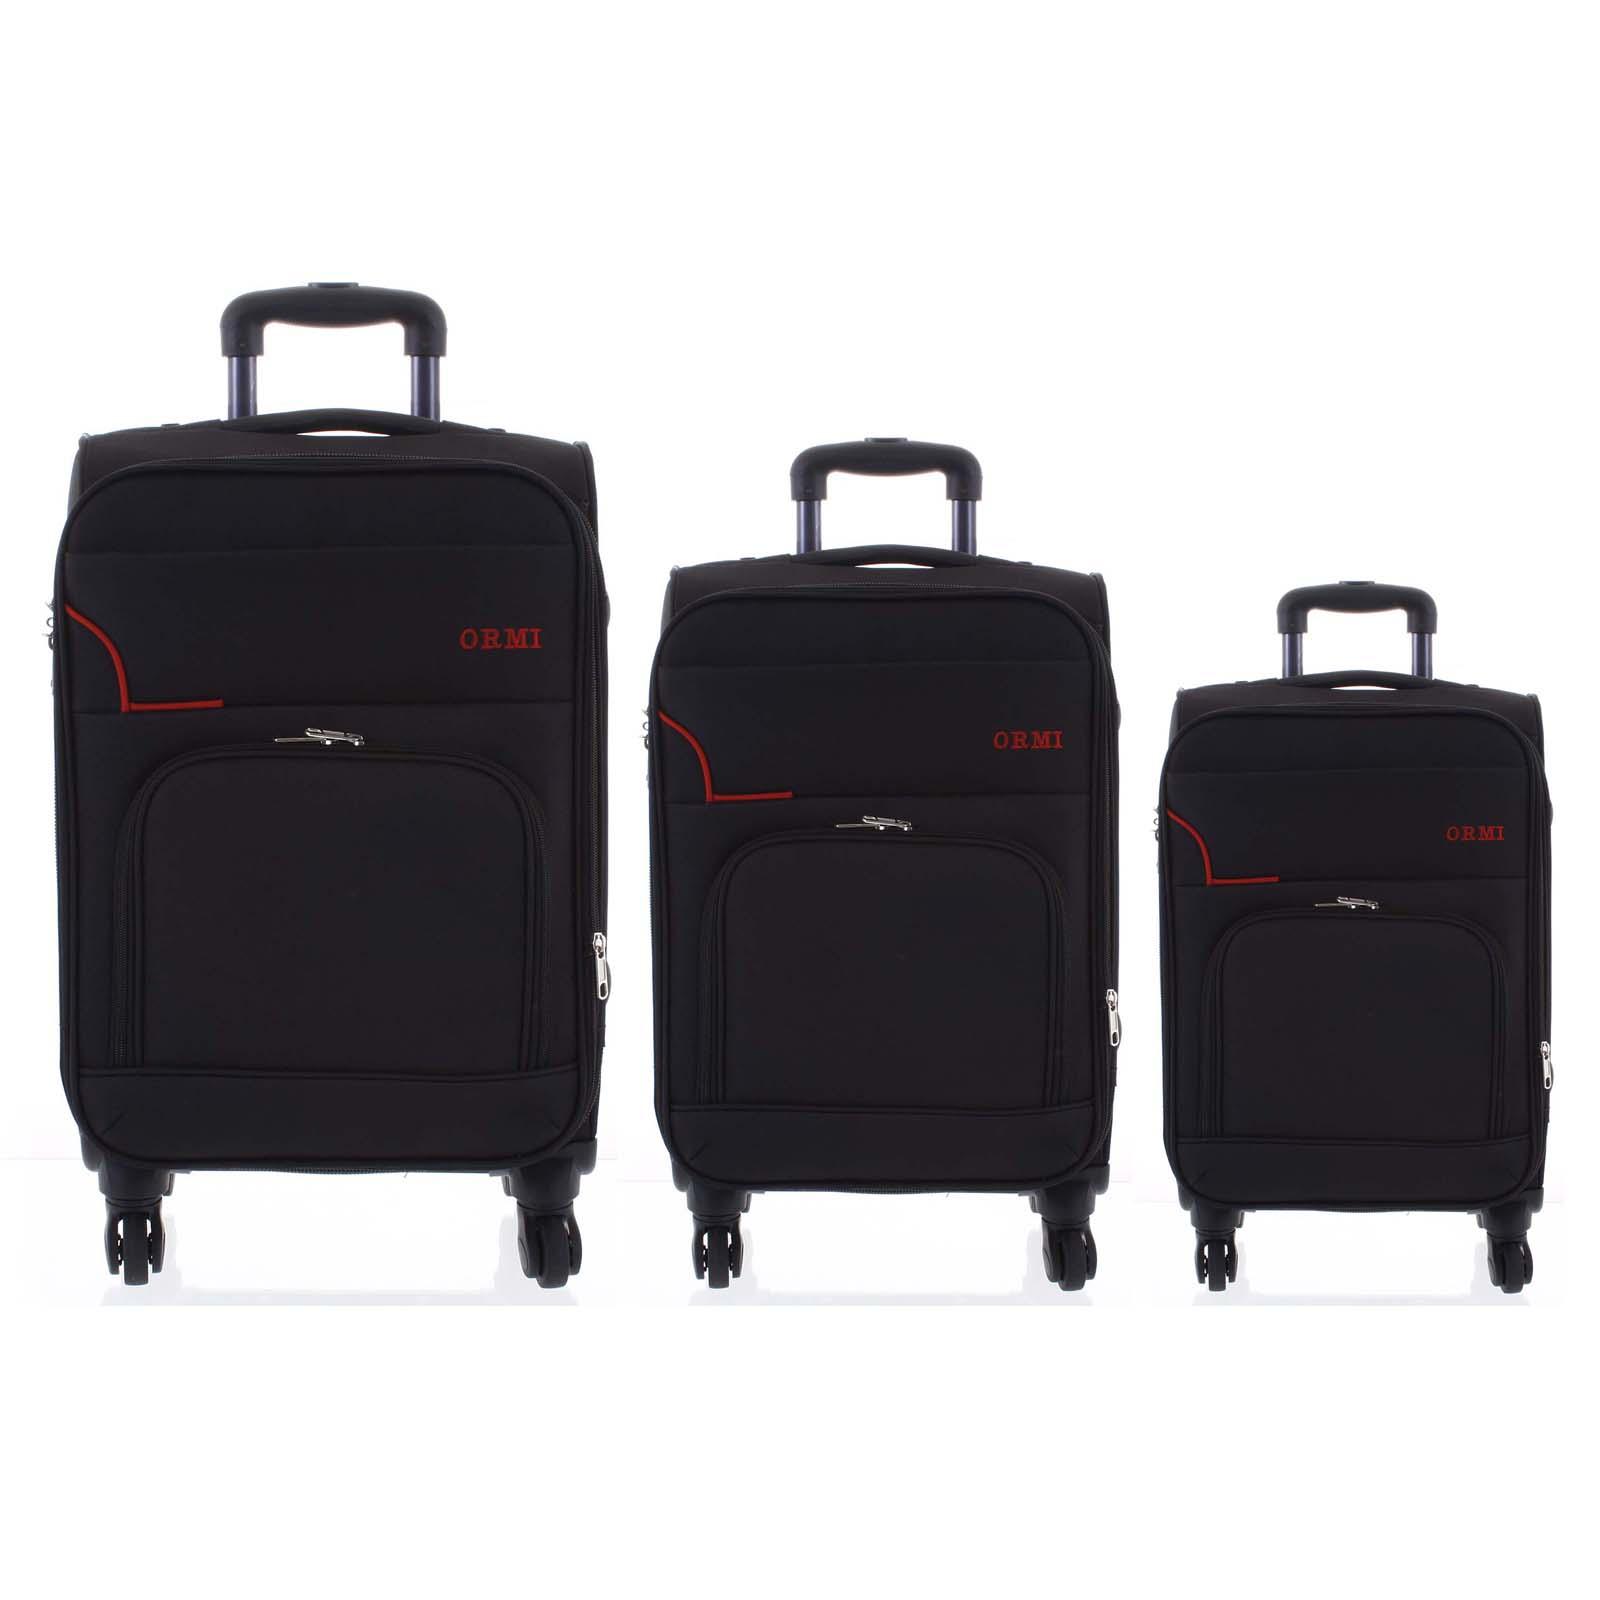 Cestovný látkový čierny kufor sada - Ormi Nitire S, M, L čierna